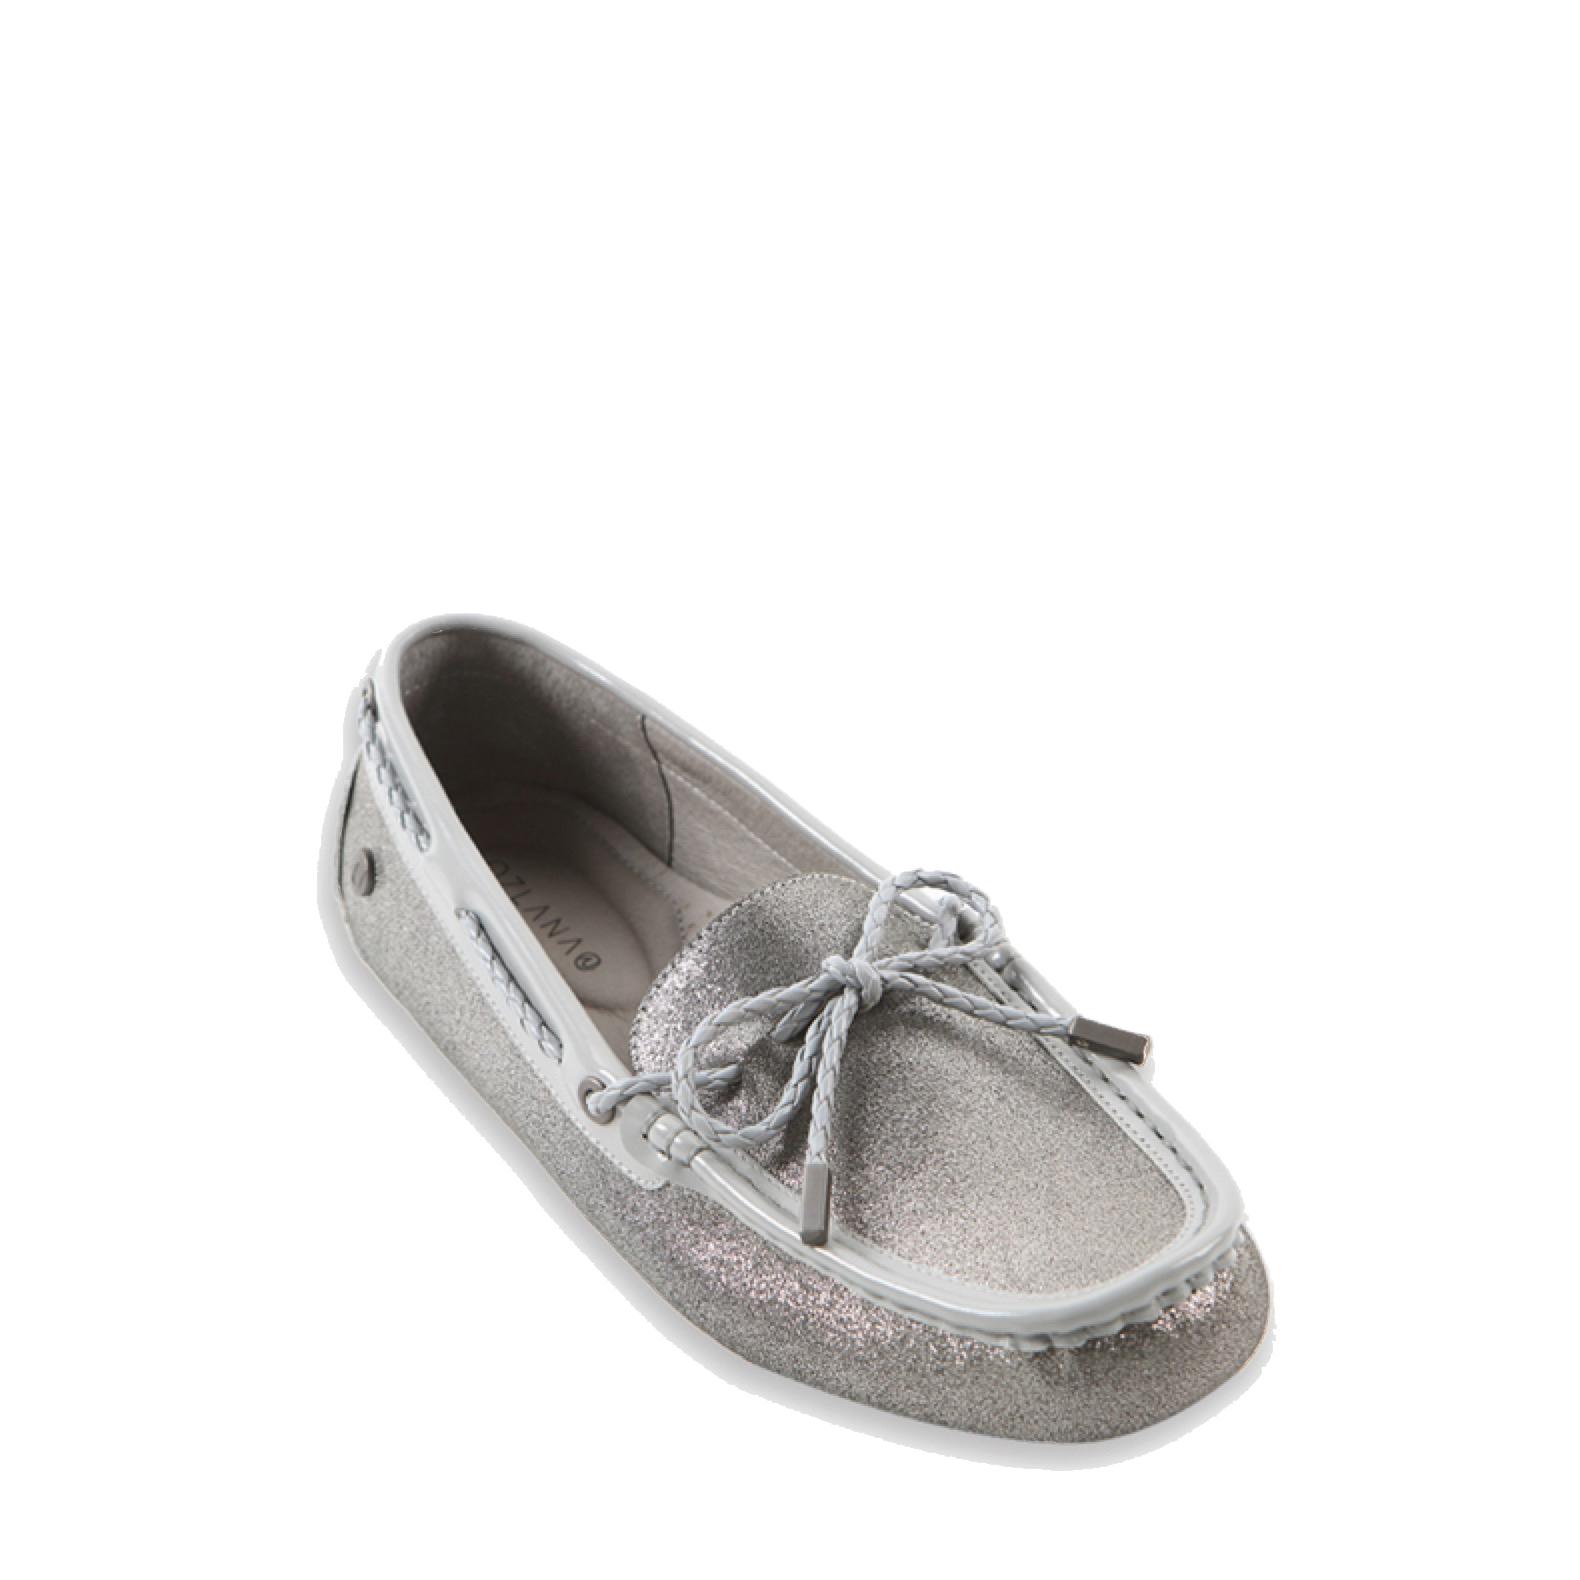 OZLANA UGG OZ3032 休闲平底编织单鞋